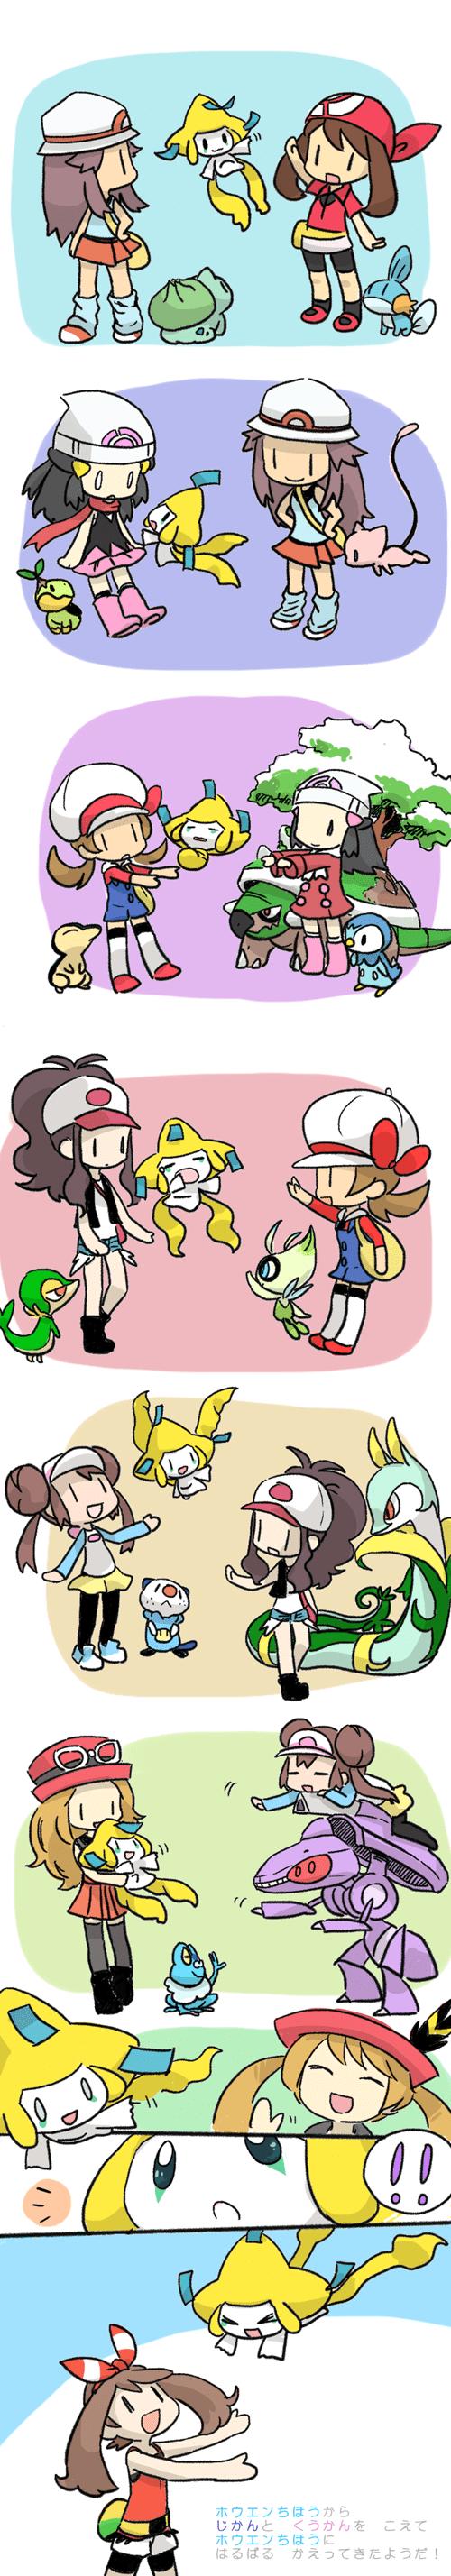 Pokémon feels web comics - 8312398592